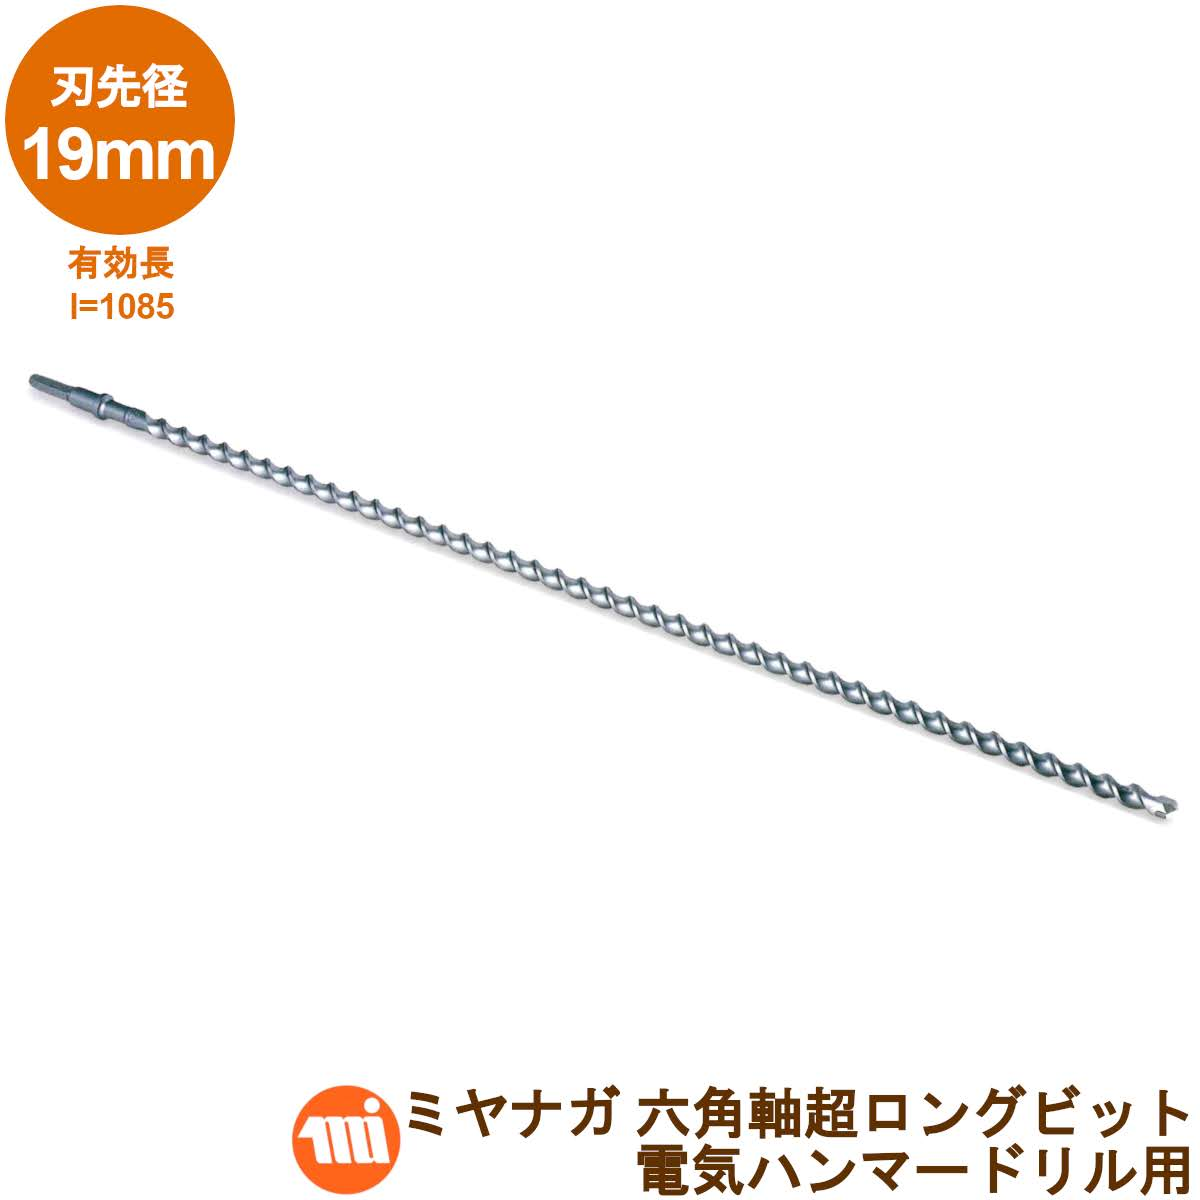 ミヤナガ 六角軸超ロングビット HEX190120刃先径:19mm/全長L=1200mm/有効長l=1085mm電気ハンマードリル用 石材向け